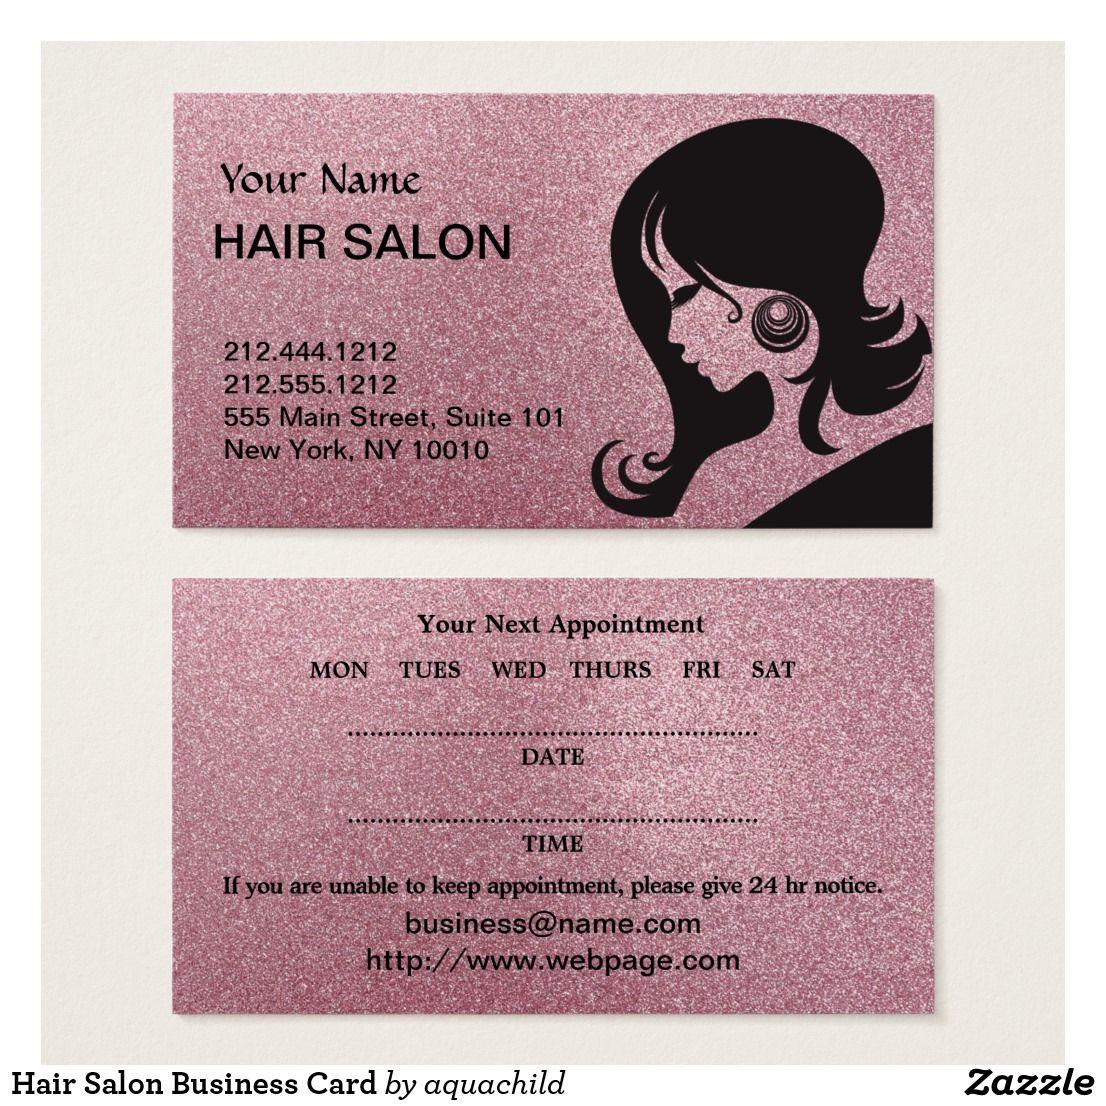 Hair Salon Business Card Salon Business Cards Beauty Business Cards Hair Salon Business